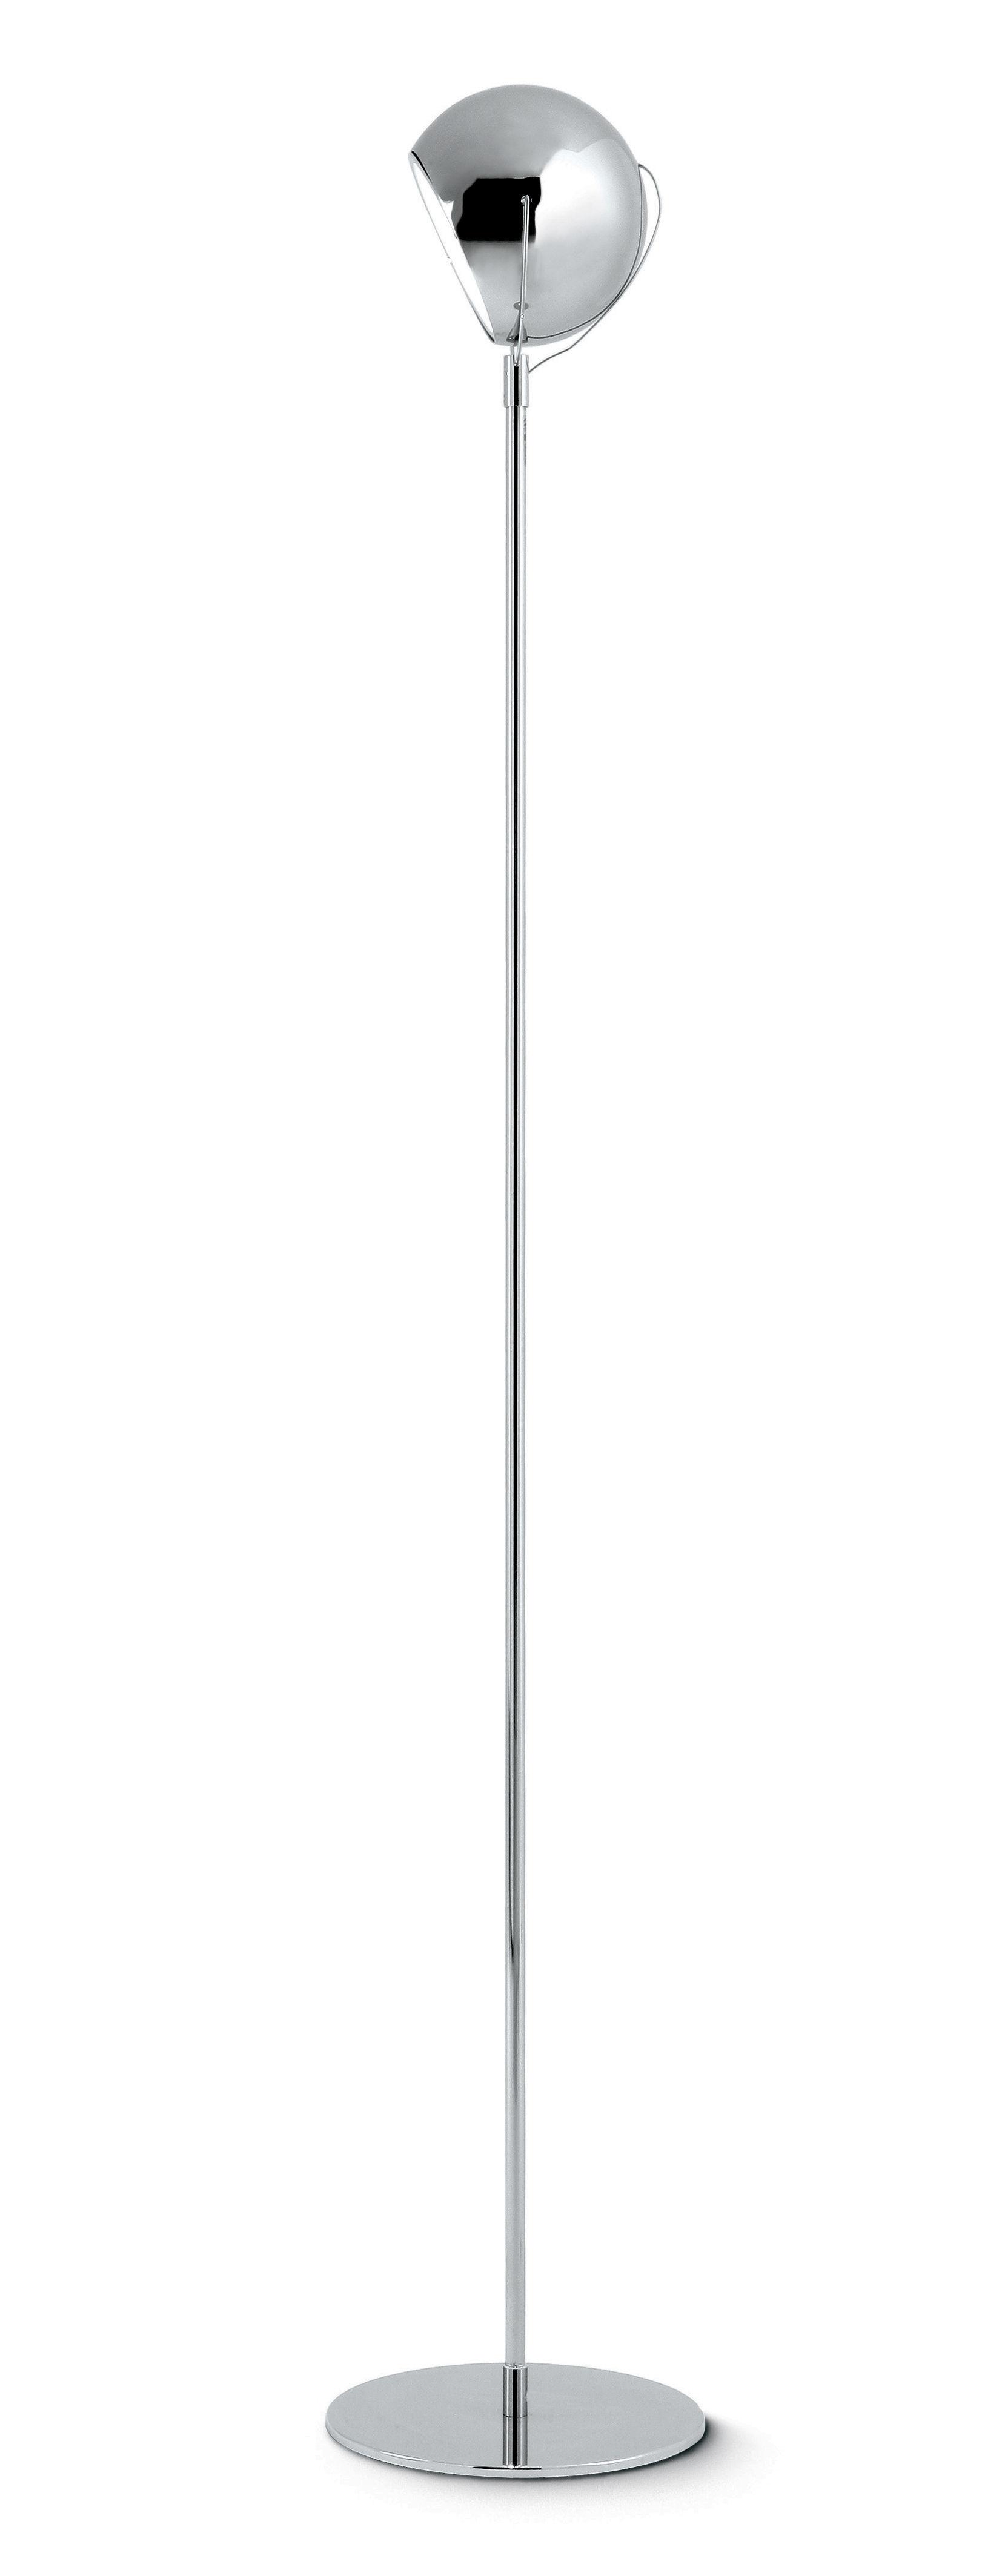 Leuchten - Stehleuchten - Beluga Stehleuchte - Fabbian - Verchromt - verchromtes Metall